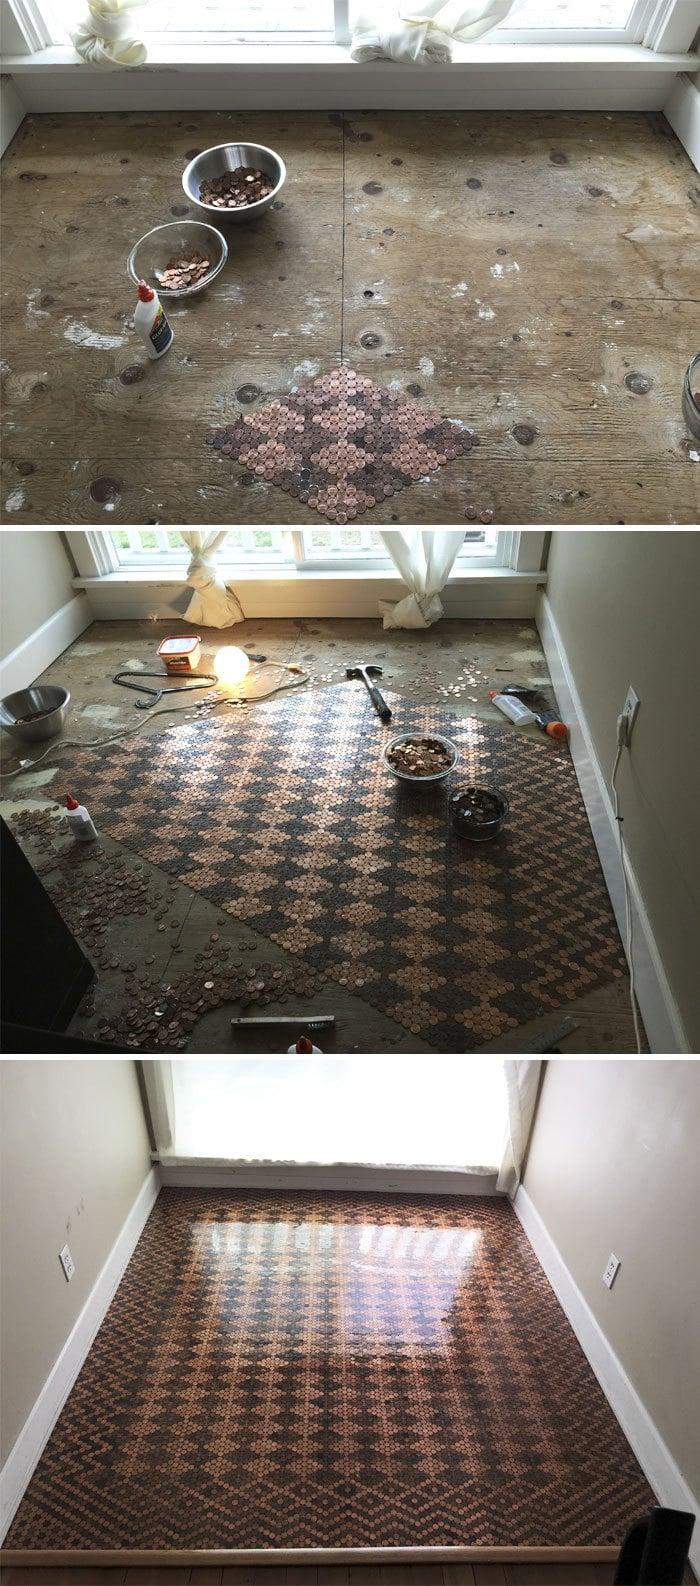 Penny Floor. Около $ 130 в Пенни